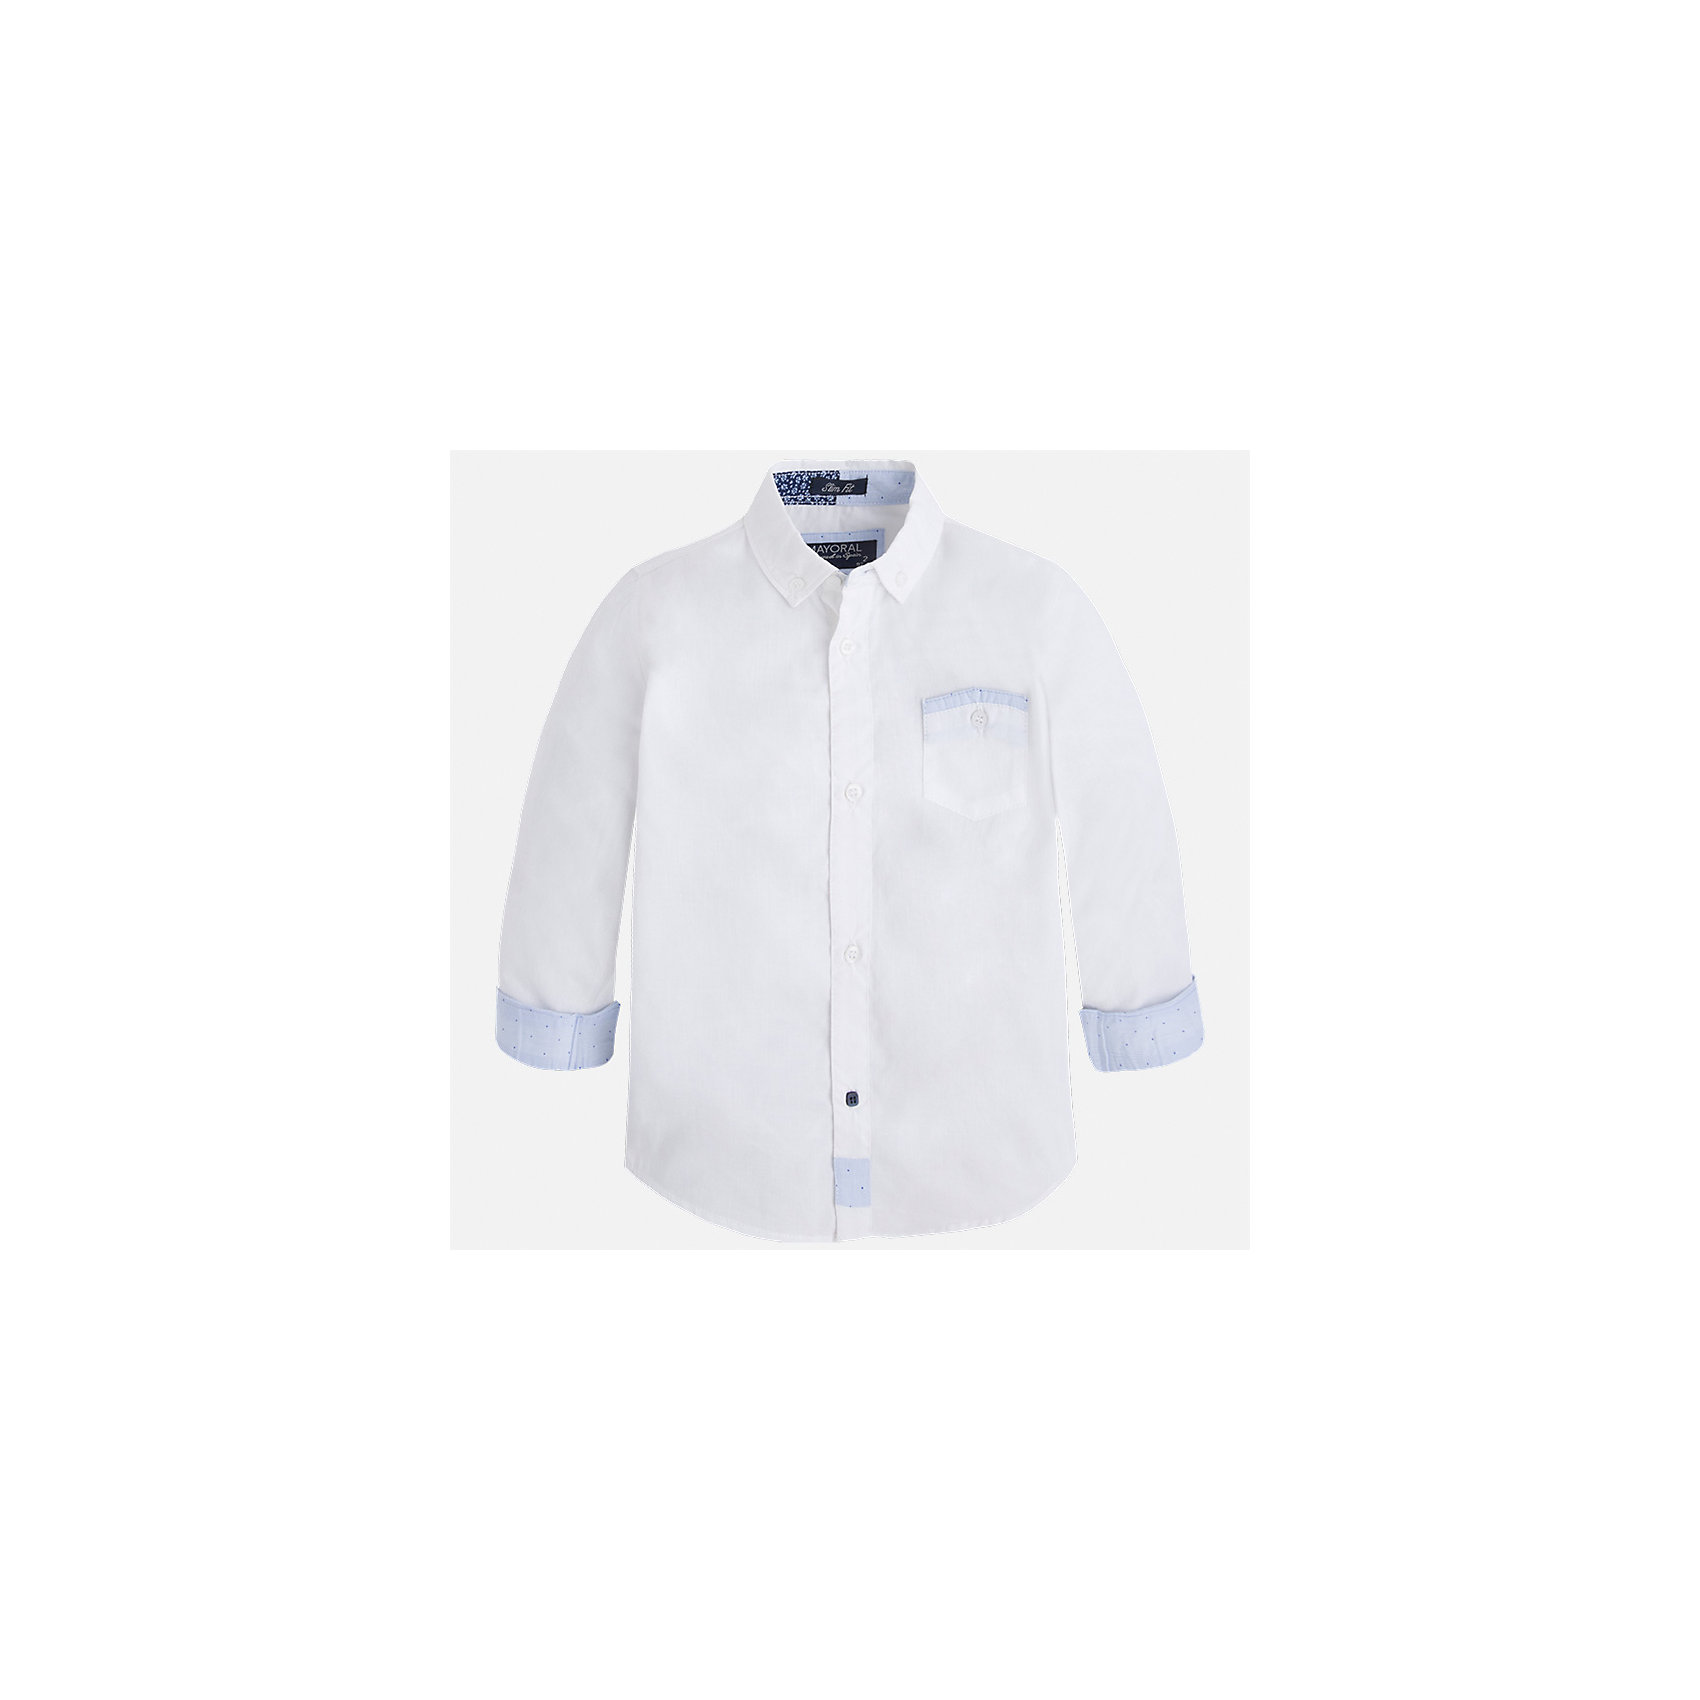 Рубашка для мальчика MayoralБлузки и рубашки<br>Характеристики товара:<br><br>• цвет: белый<br>• состав: 100% хлопок<br>• отложной воротник<br>• рукава с отворотами<br>• застежка: пуговицы<br>• карман на груди<br>• страна бренда: Испания<br><br>Удобная модная рубашка-поло для мальчика может стать базовой вещью в гардеробе ребенка. Она отлично сочетается с брюками, шортами, джинсами и т.д. Универсальный крой и цвет позволяет подобрать к вещи низ разных расцветок. Практичное и стильное изделие! В составе материала - только натуральный хлопок, гипоаллергенный, приятный на ощупь, дышащий.<br><br>Одежда, обувь и аксессуары от испанского бренда Mayoral полюбились детям и взрослым по всему миру. Модели этой марки - стильные и удобные. Для их производства используются только безопасные, качественные материалы и фурнитура. Порадуйте ребенка модными и красивыми вещами от Mayoral! <br><br>Рубашку-поло для мальчика от испанского бренда Mayoral (Майорал) можно купить в нашем интернет-магазине.<br><br>Ширина мм: 174<br>Глубина мм: 10<br>Высота мм: 169<br>Вес г: 157<br>Цвет: белый<br>Возраст от месяцев: 24<br>Возраст до месяцев: 36<br>Пол: Мужской<br>Возраст: Детский<br>Размер: 98,128,92,104,110,134,122,116<br>SKU: 5272414